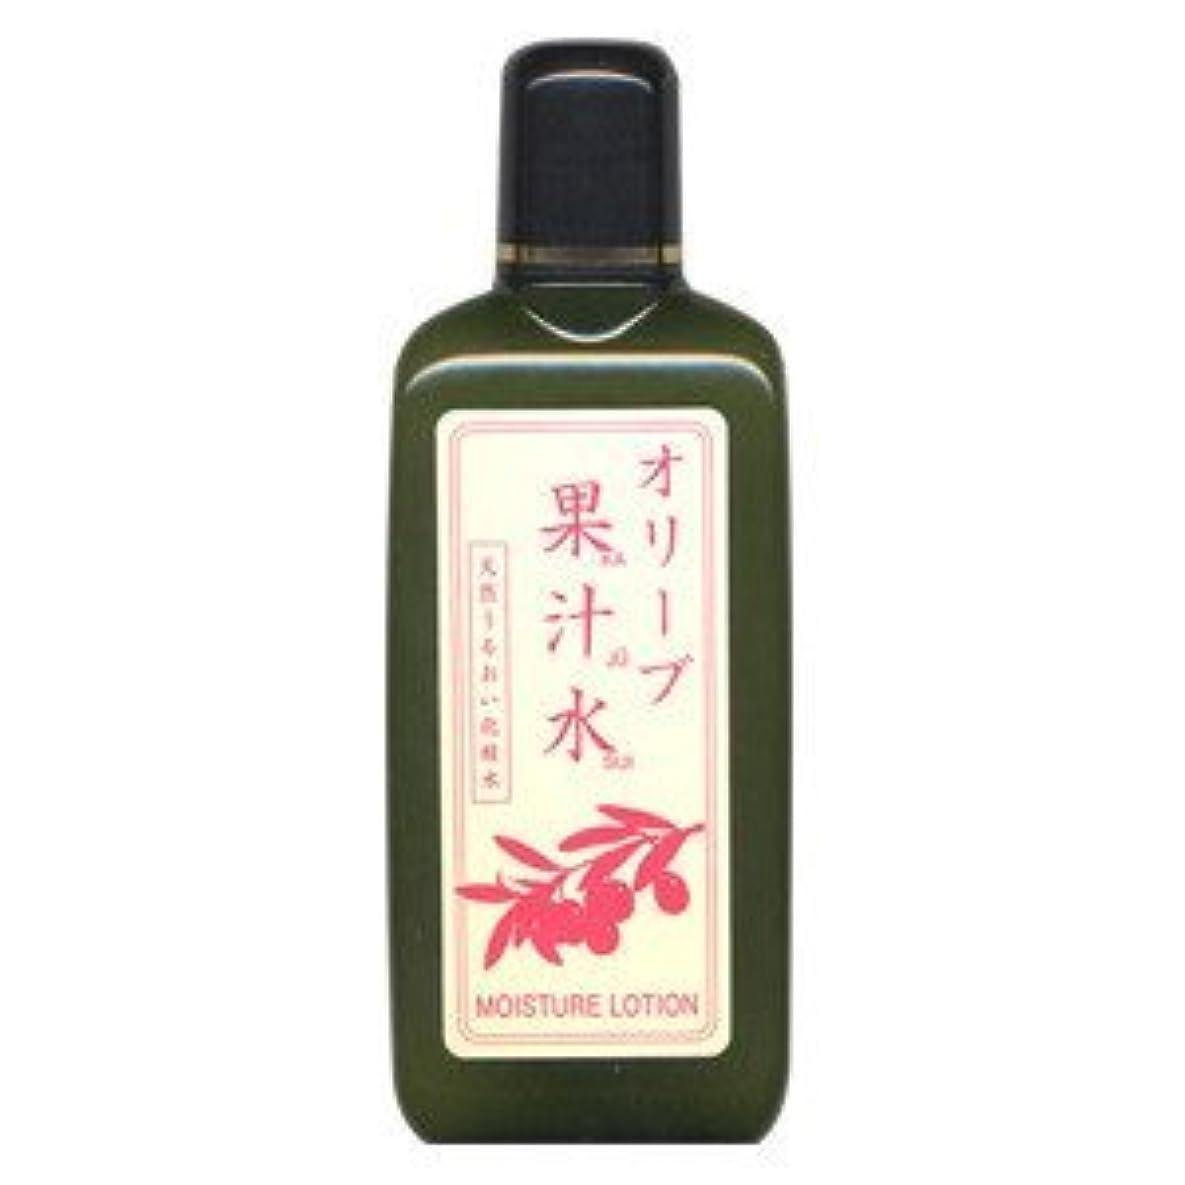 噴出する不愉快に盗難日本オリーブオリーブマノン グリーンローション 180ml